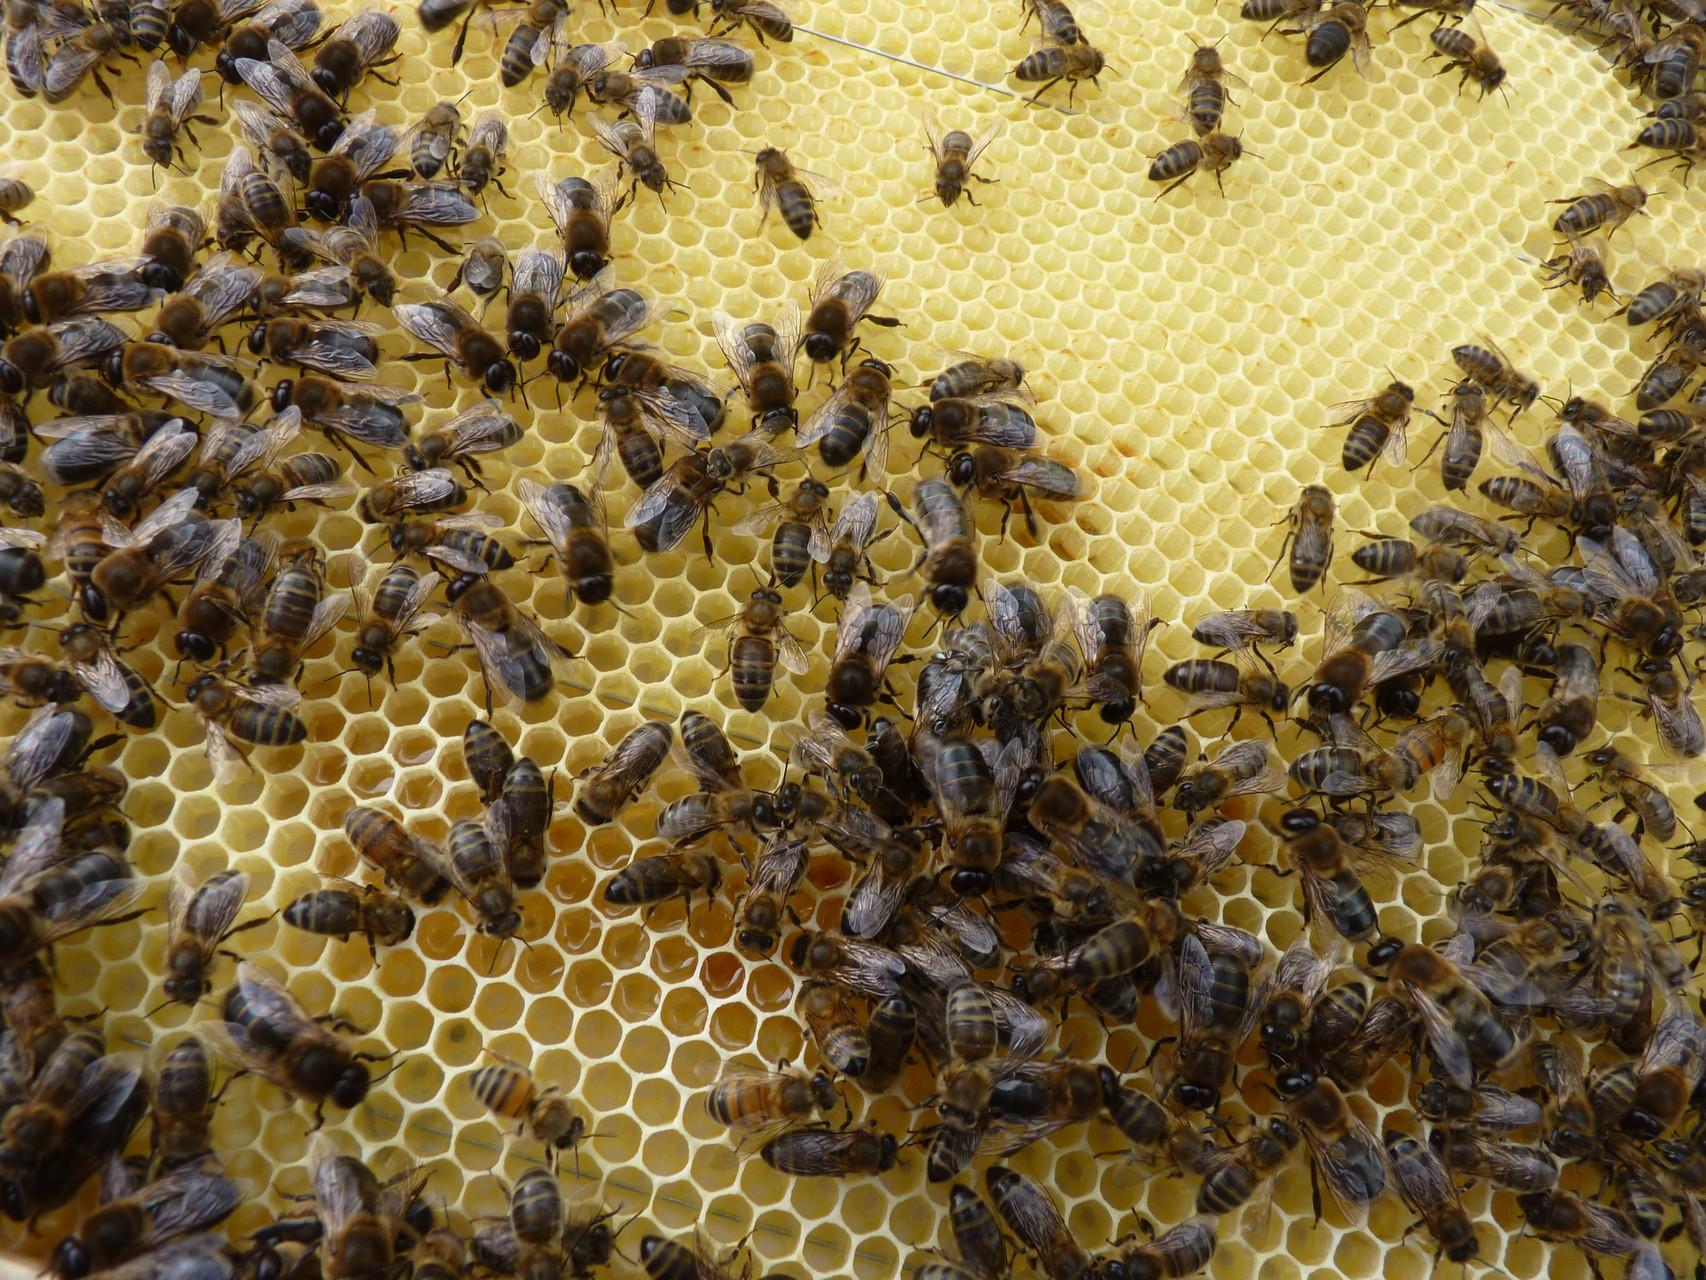 mon nouvel élevage: les abeilles noires